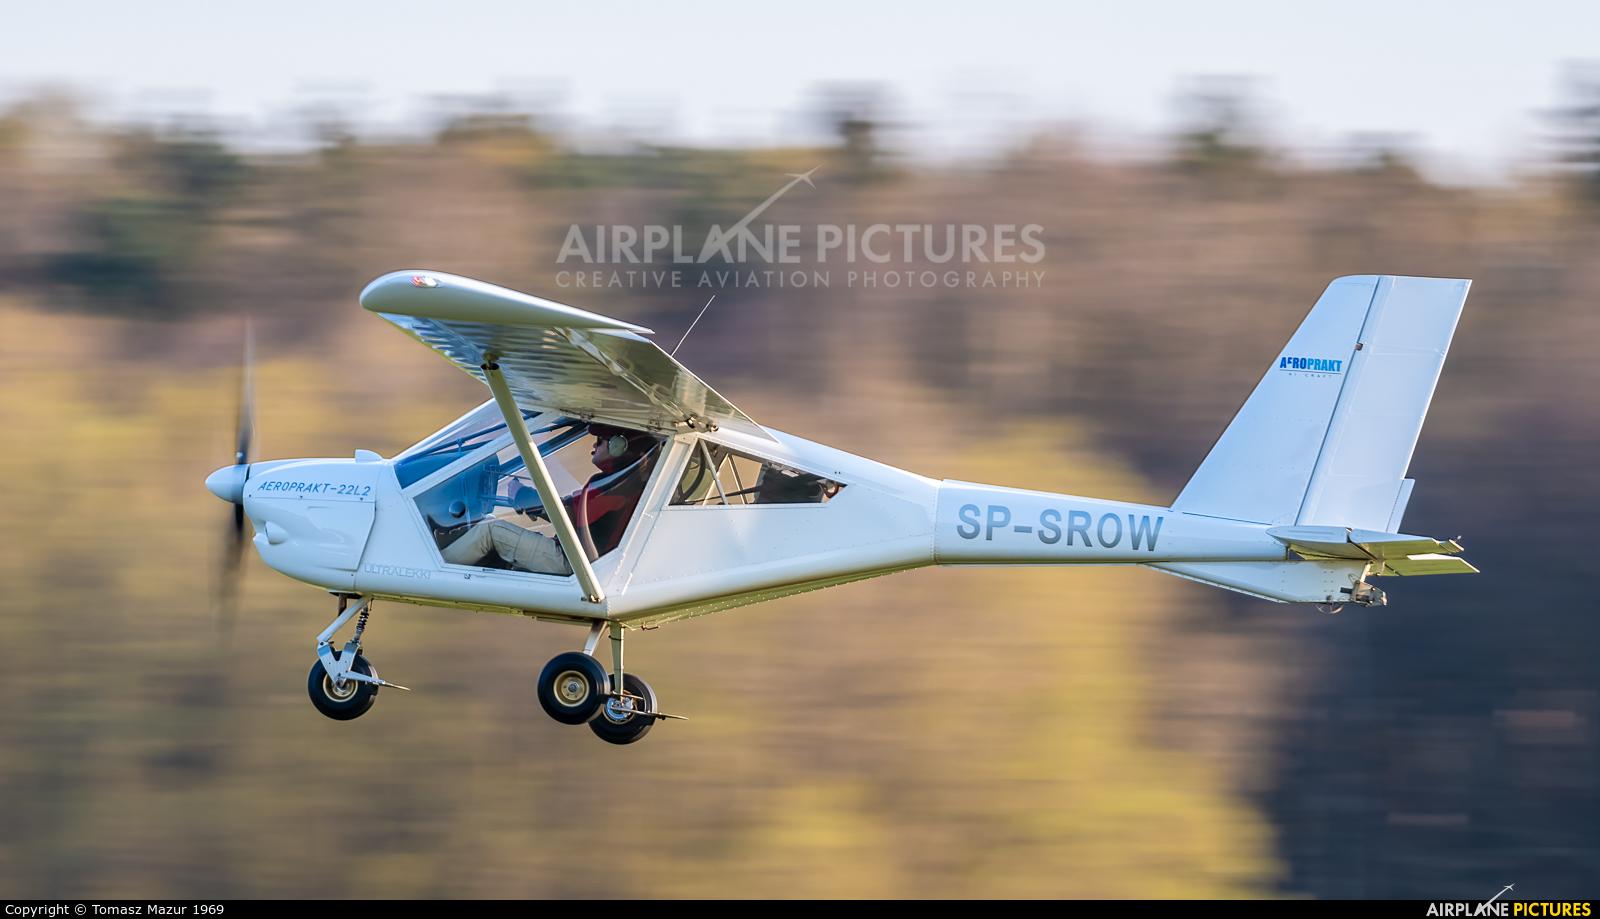 Aeroklub Rybnickiego Okręgu Węglowego SP-SROW aircraft at Rybnik - Gotartowice